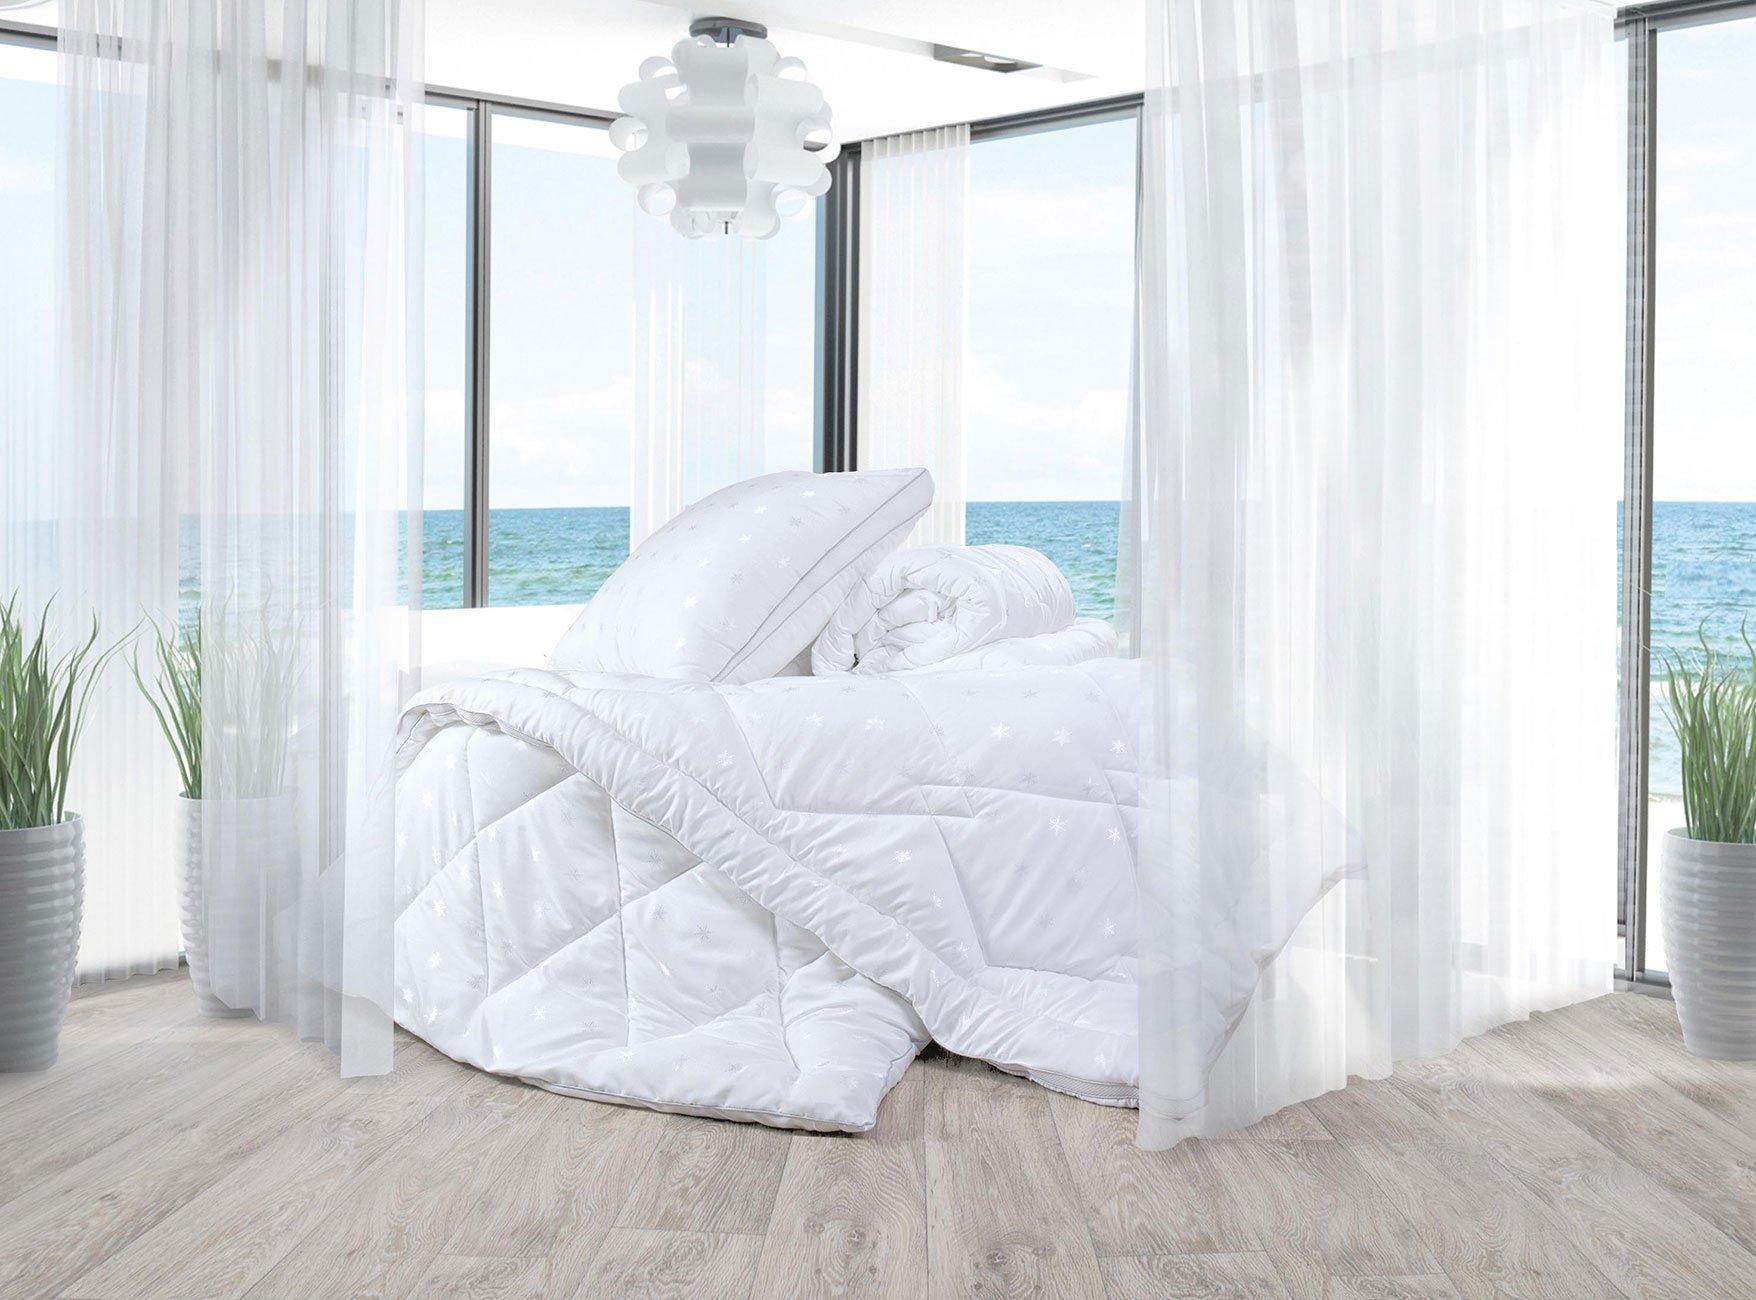 Одеяло из лебяжьего пуха Легкое облако Spa tex